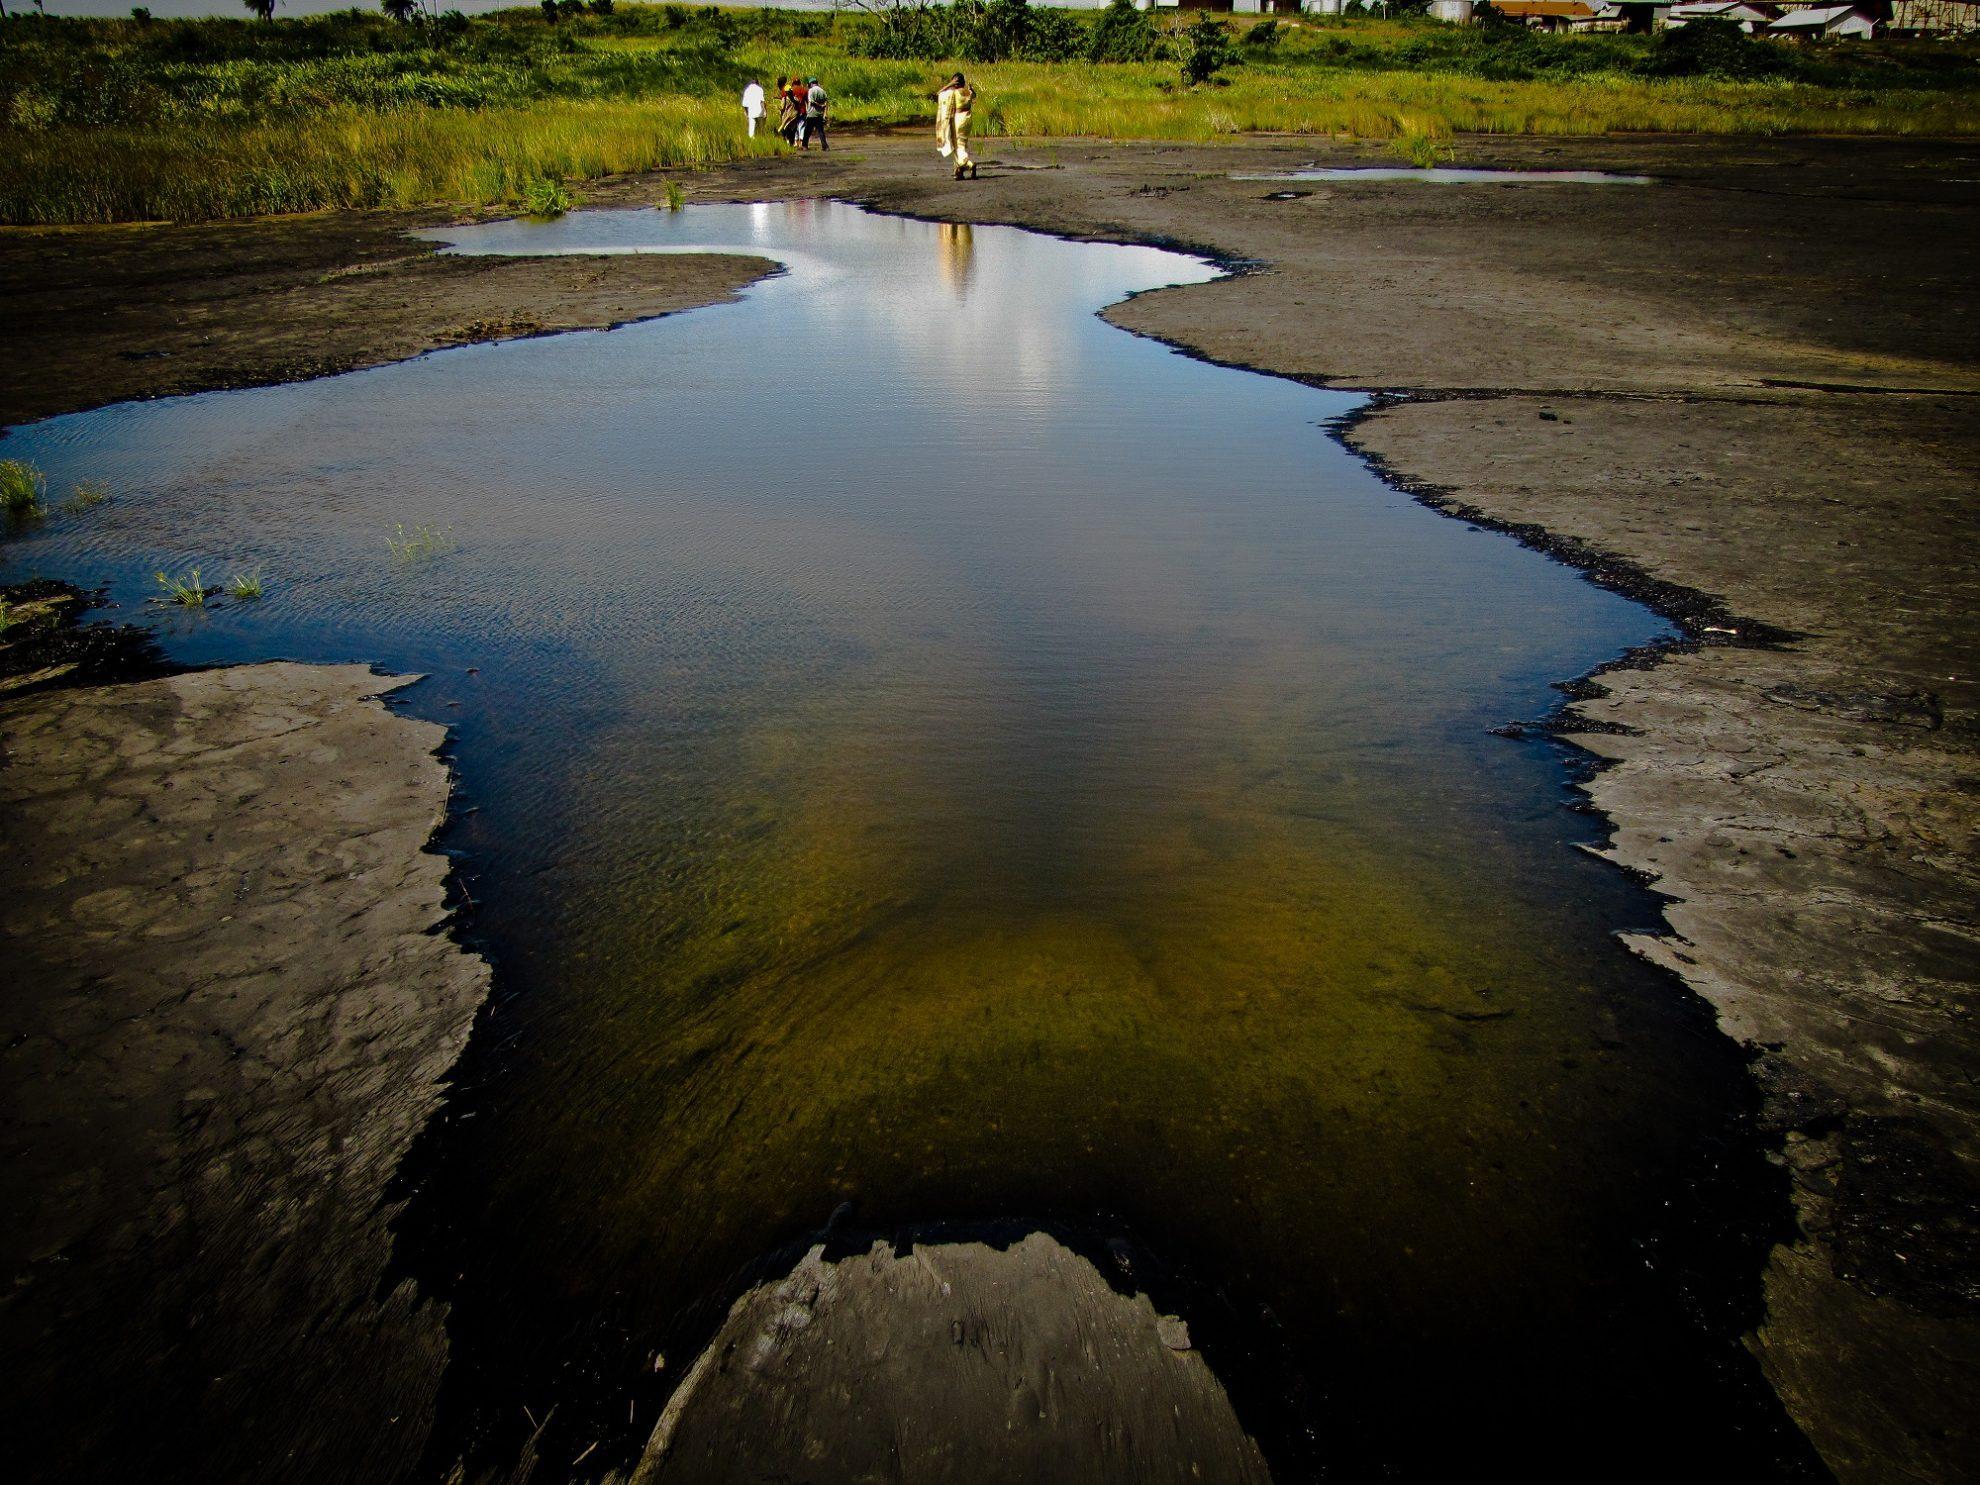 Природный феномен - асфальтовое озеро Пич-Лейк в Тринидаде